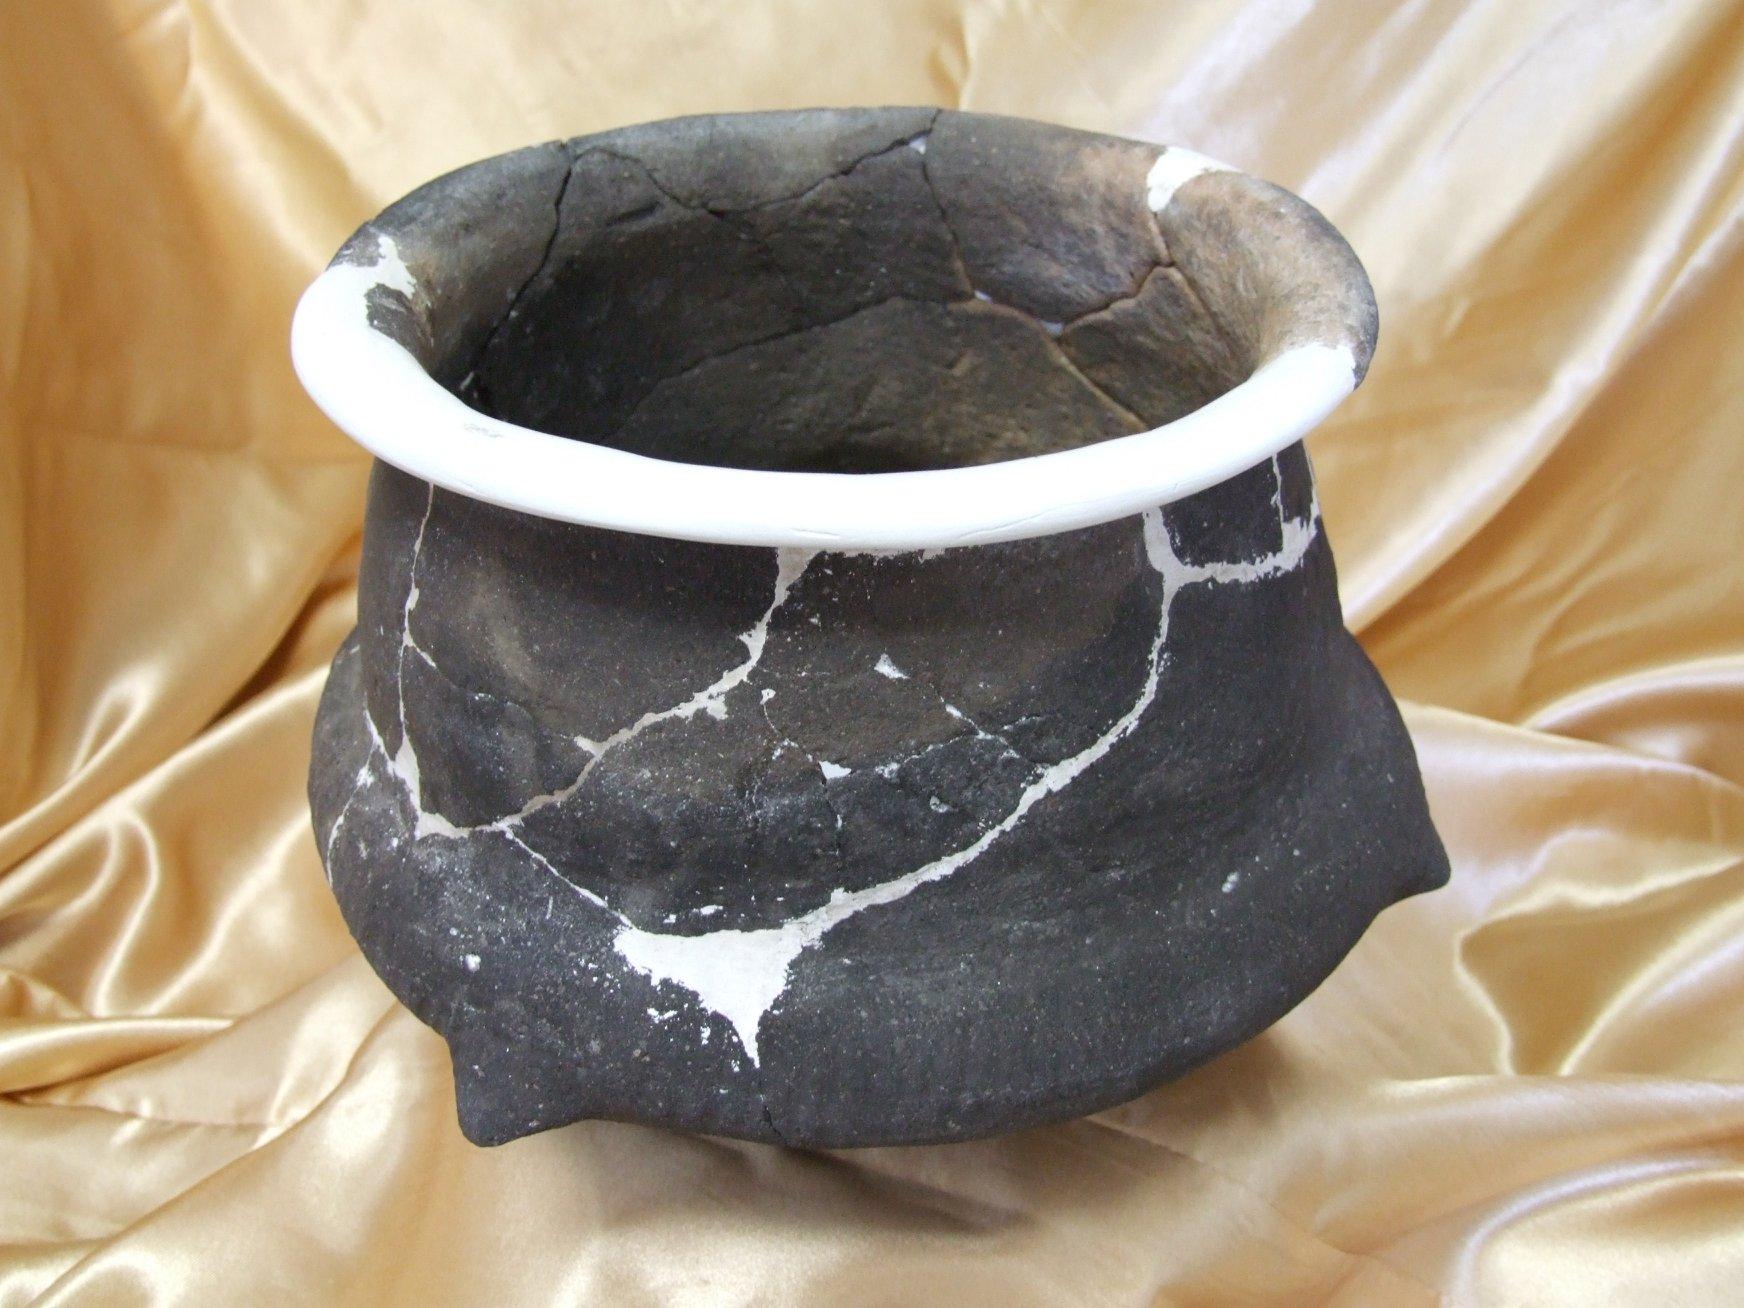 O altă piesă restaurată la MCDR Deva, expusă online: Un vas din epoca târzie a bronzului, descoperit pe șantierul arheologic Abucea-Autostrada Deva-Lugoj